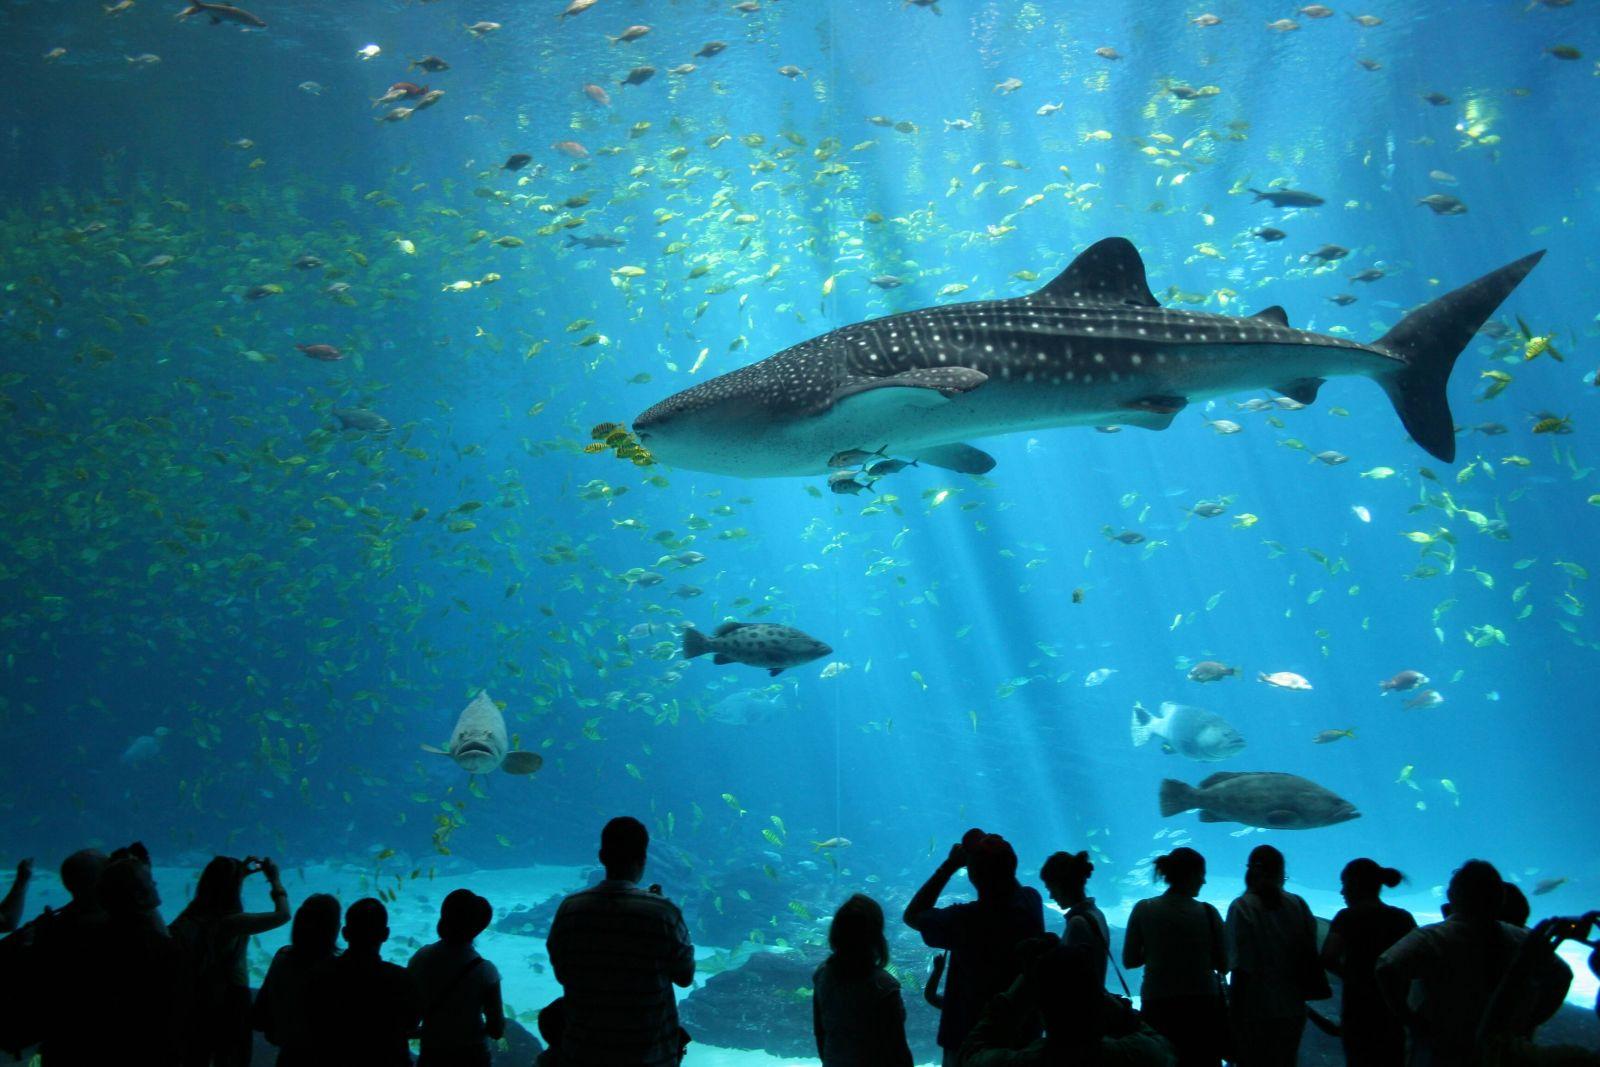 Thủy cung Aquaria KLCC – Thiên đường đại dương giữa Thủ đô Malaysia